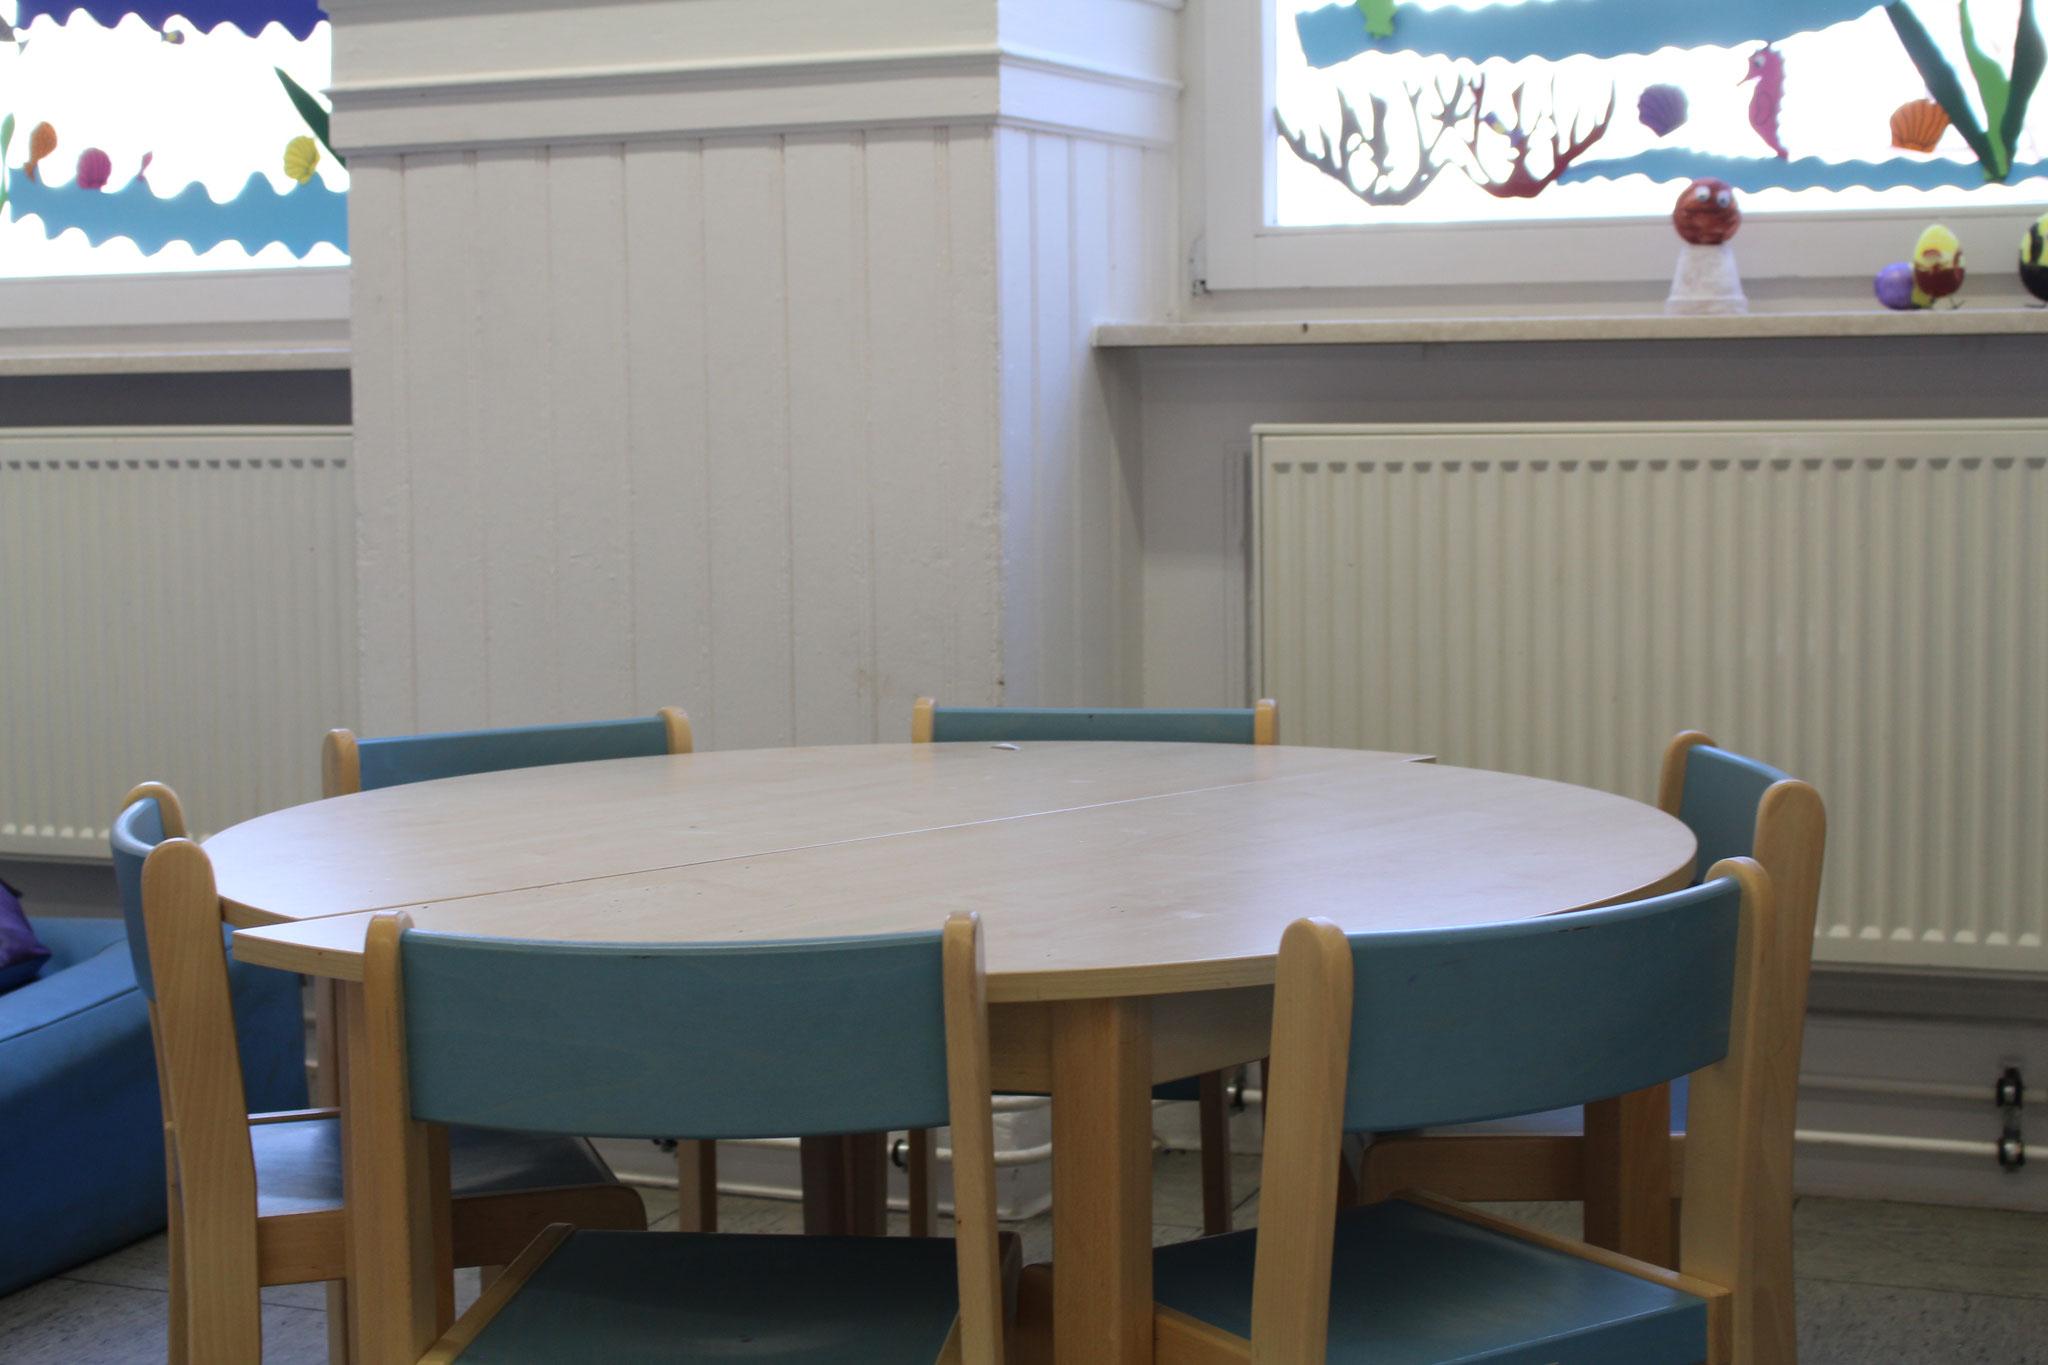 Das ist der Spieltisch in der Ersten Bettreuungsraum. Fotografen: LUKAS,LEANDROS